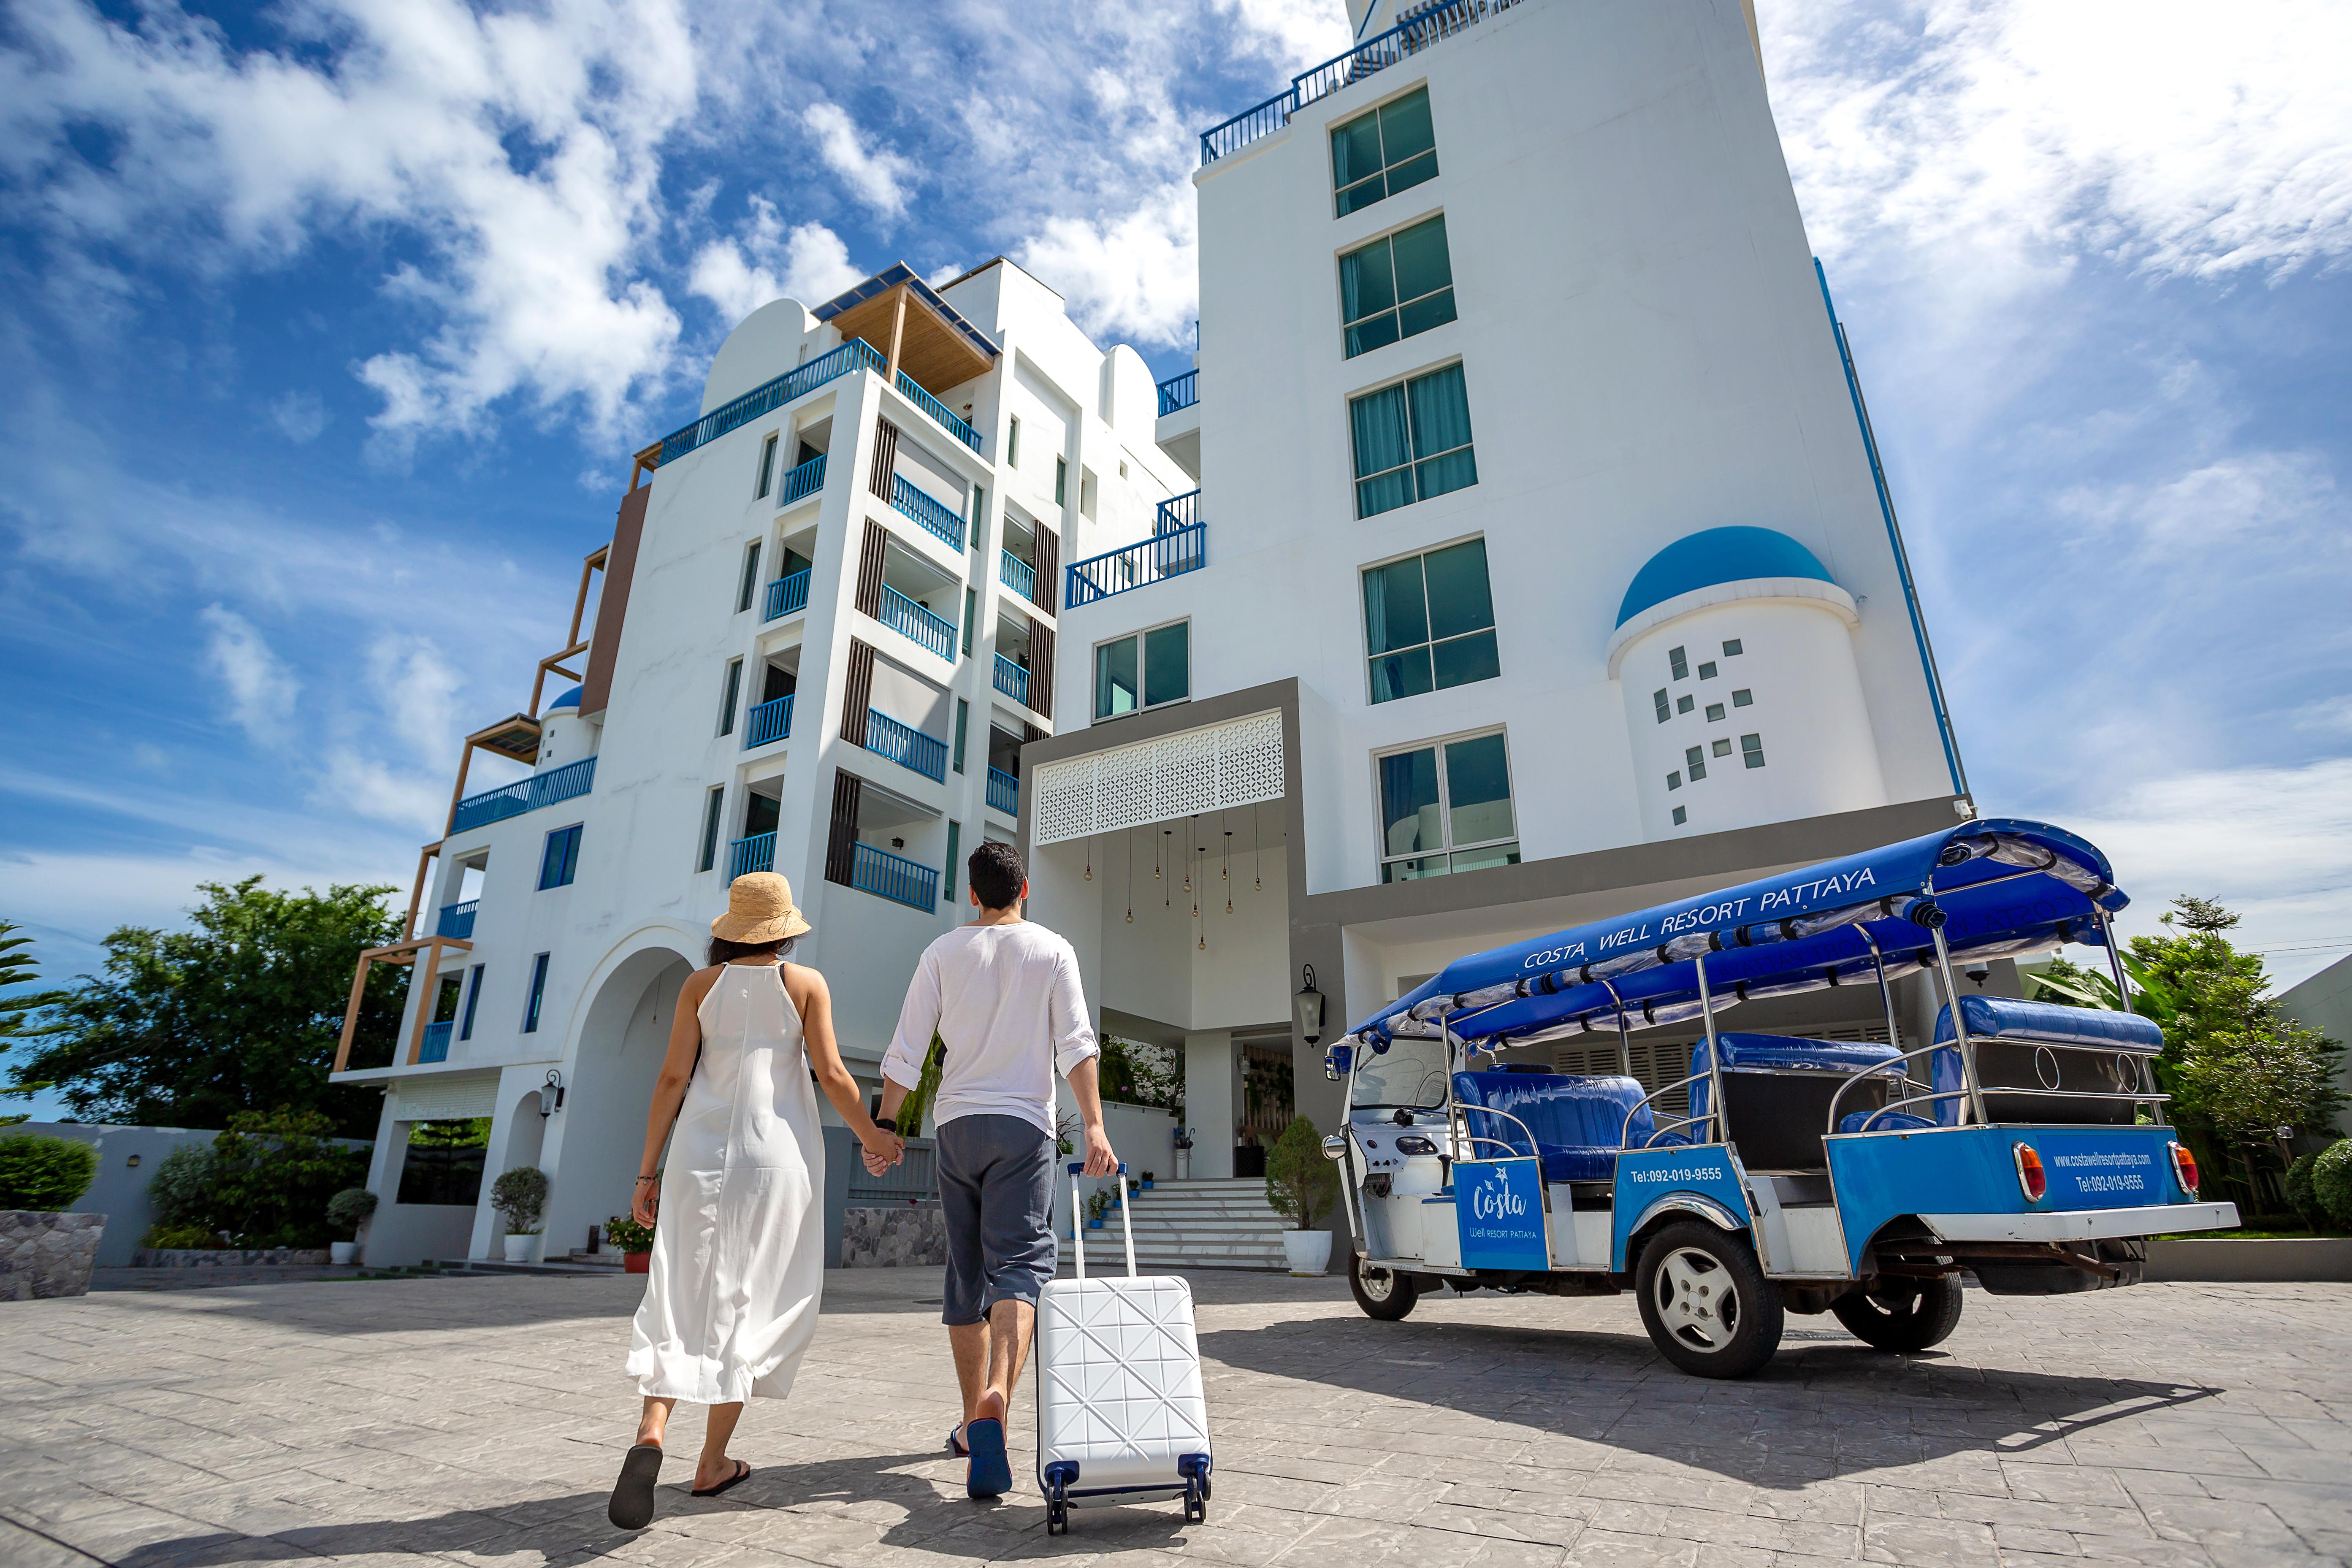 Costa Well Resort Pattaya, Sattahip